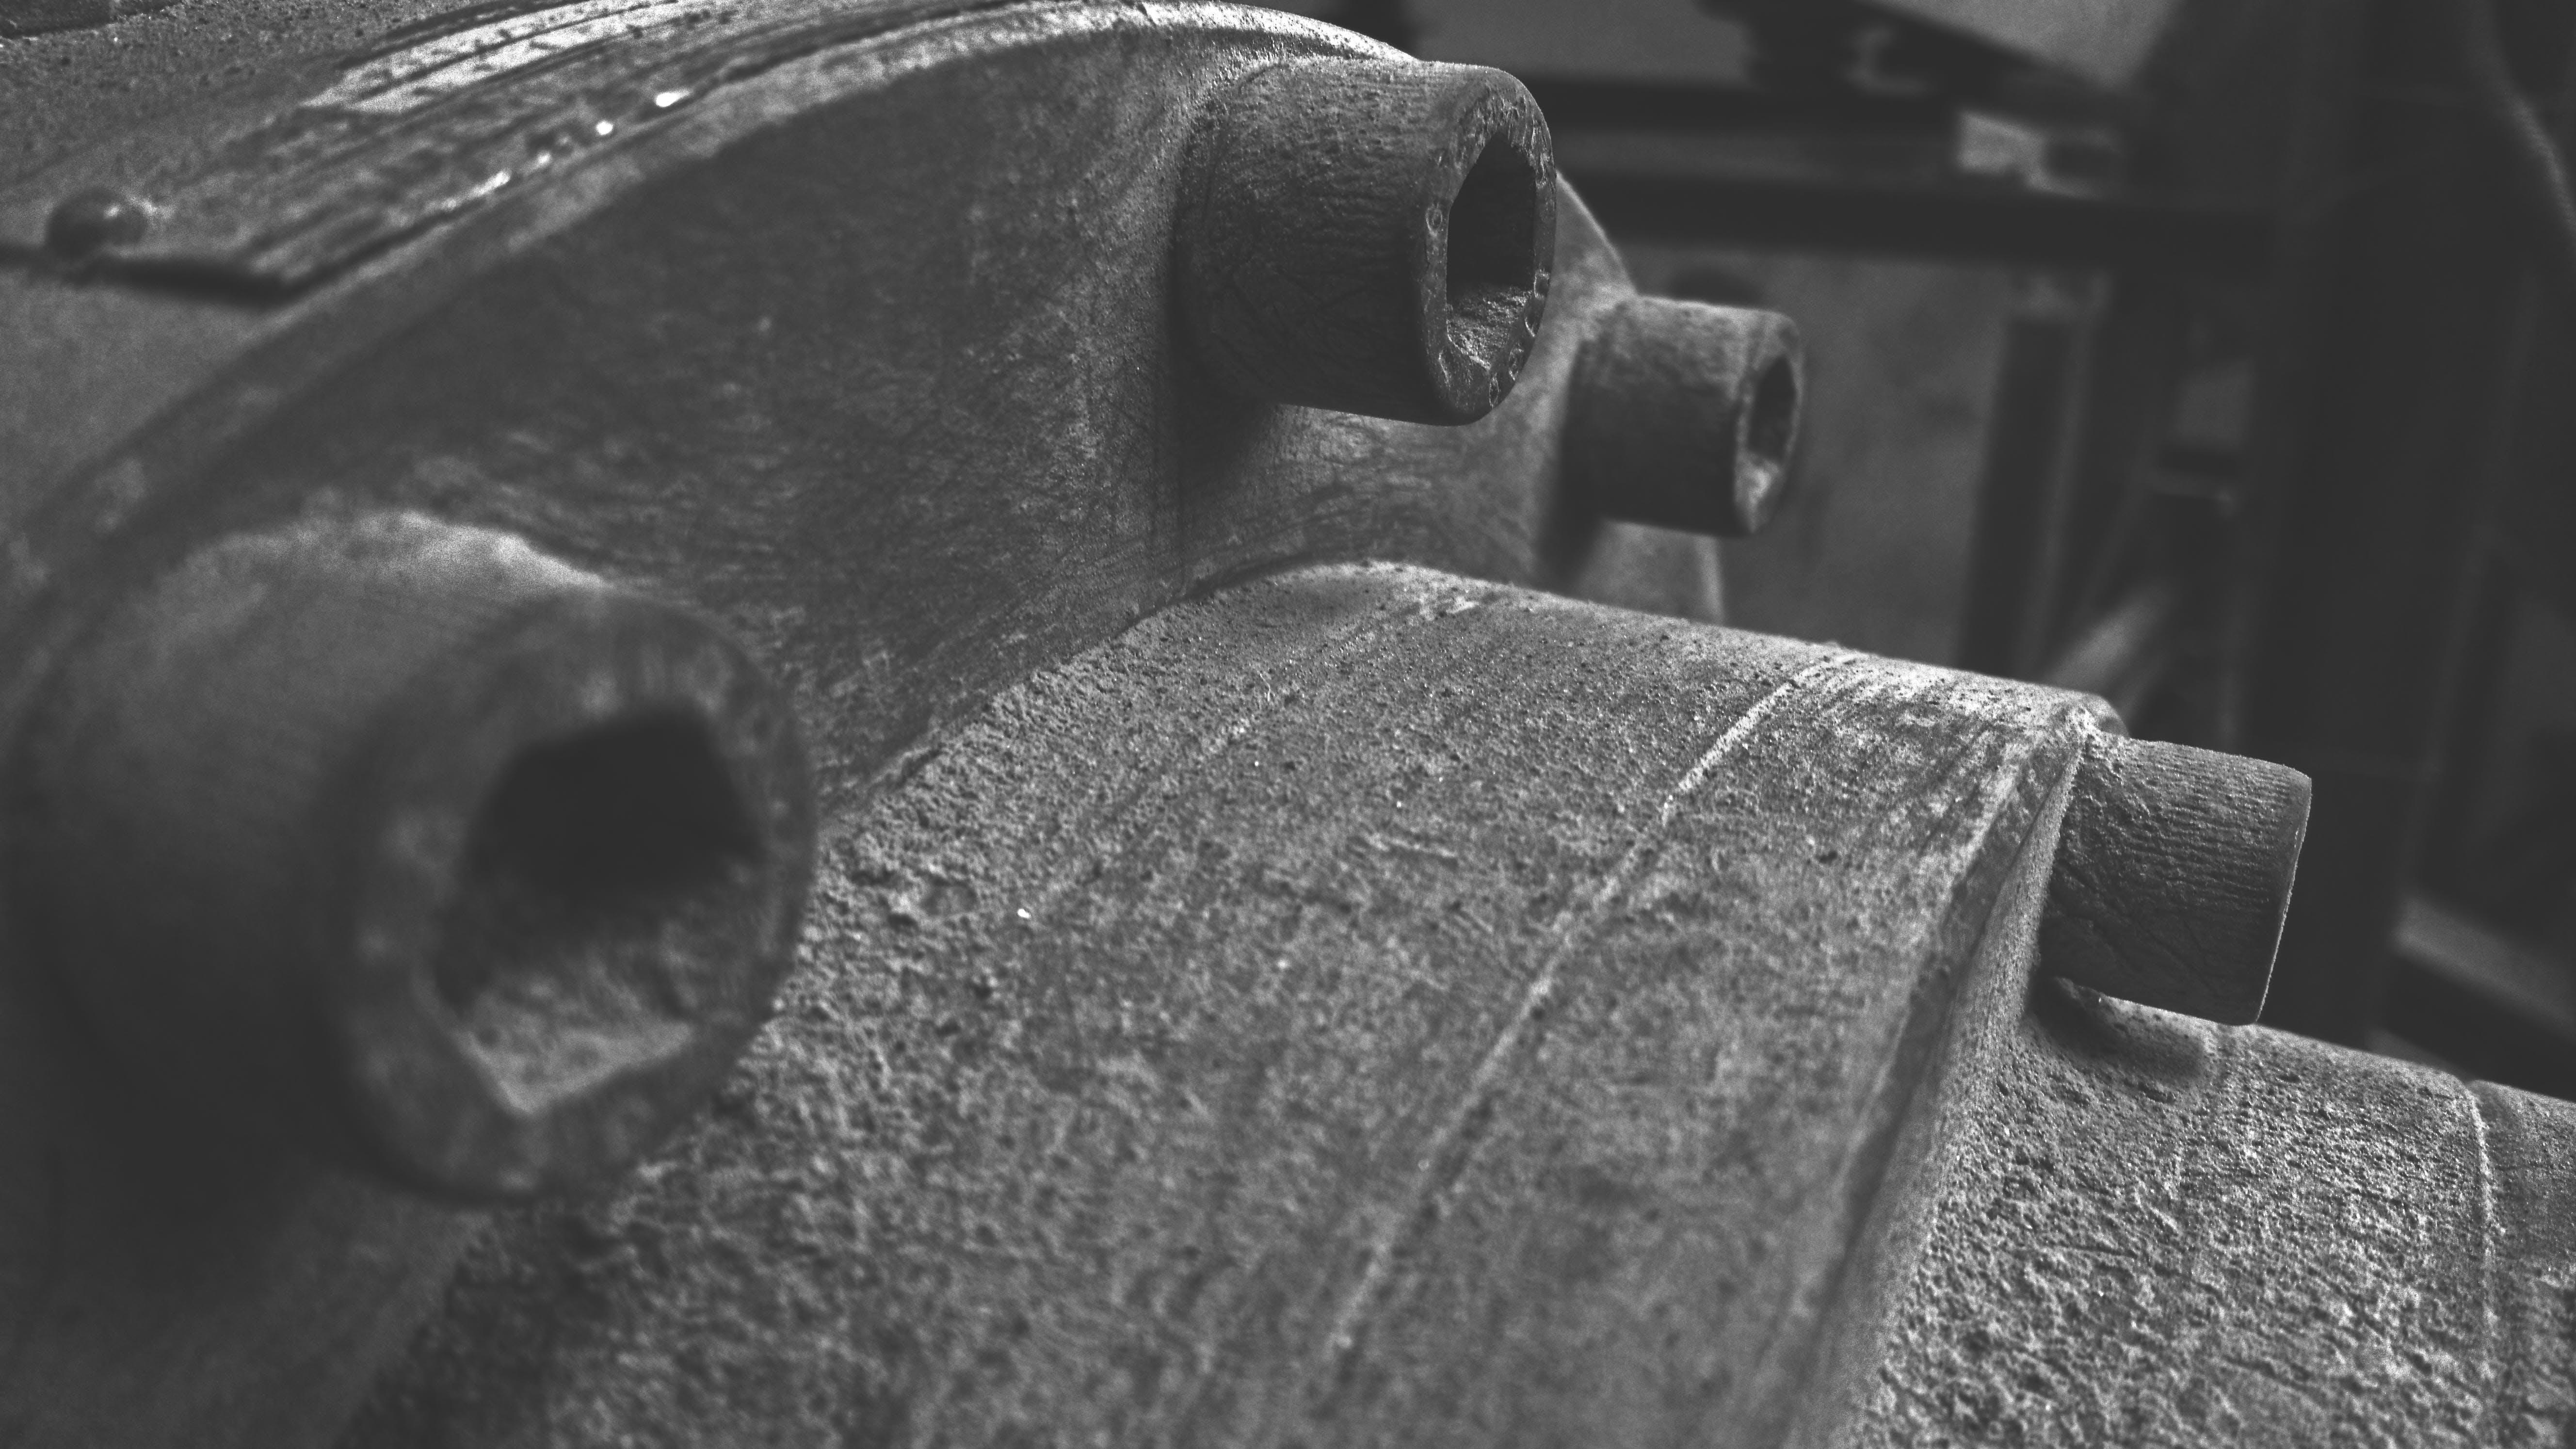 マシン, 業界, 製造, 鉄の無料の写真素材